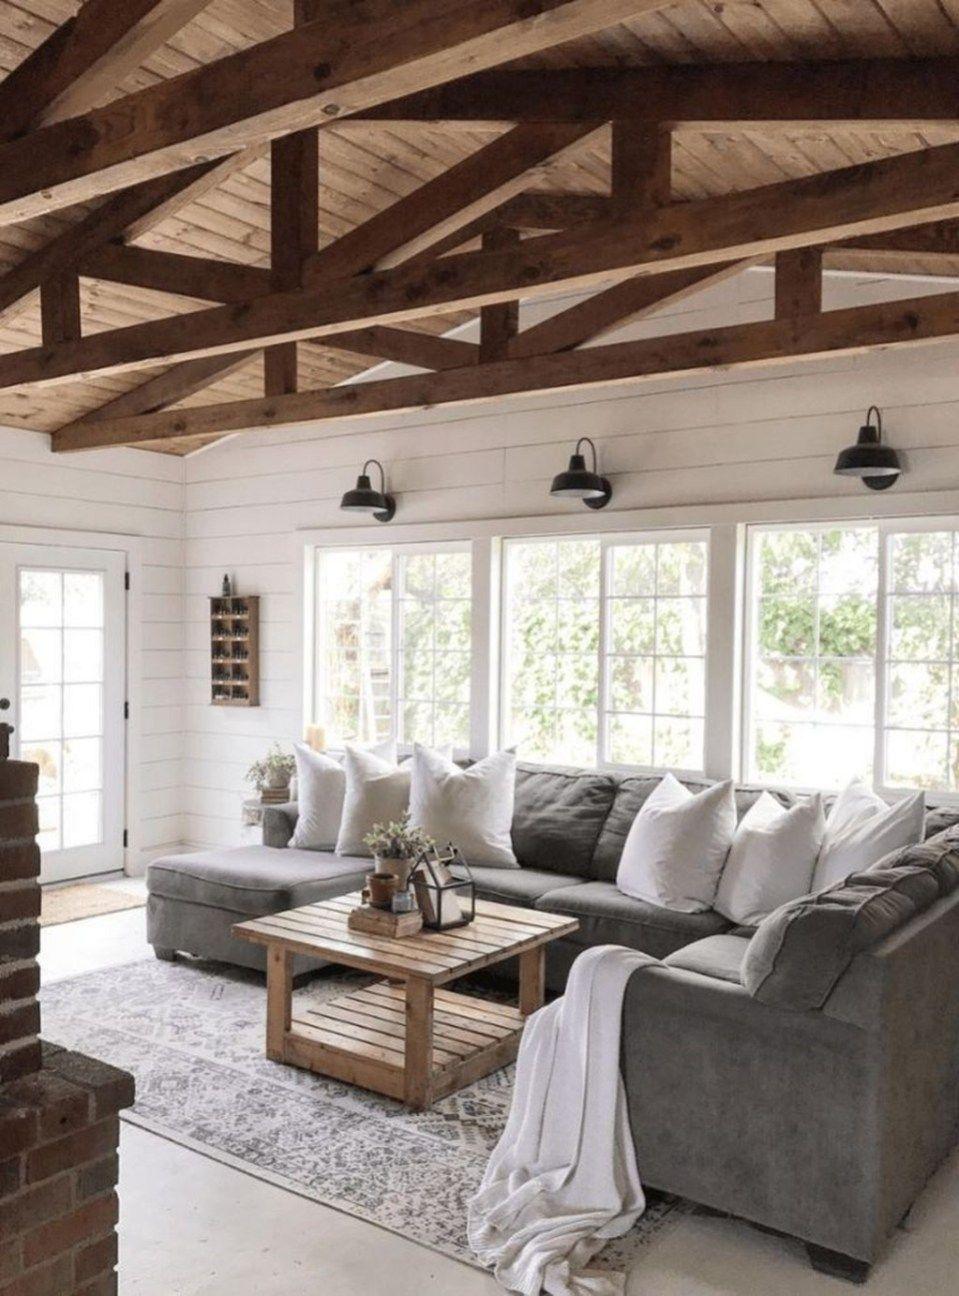 insane farmhouse living room decor and design ideas home also gary rosen thegaryrosen on pinterest rh